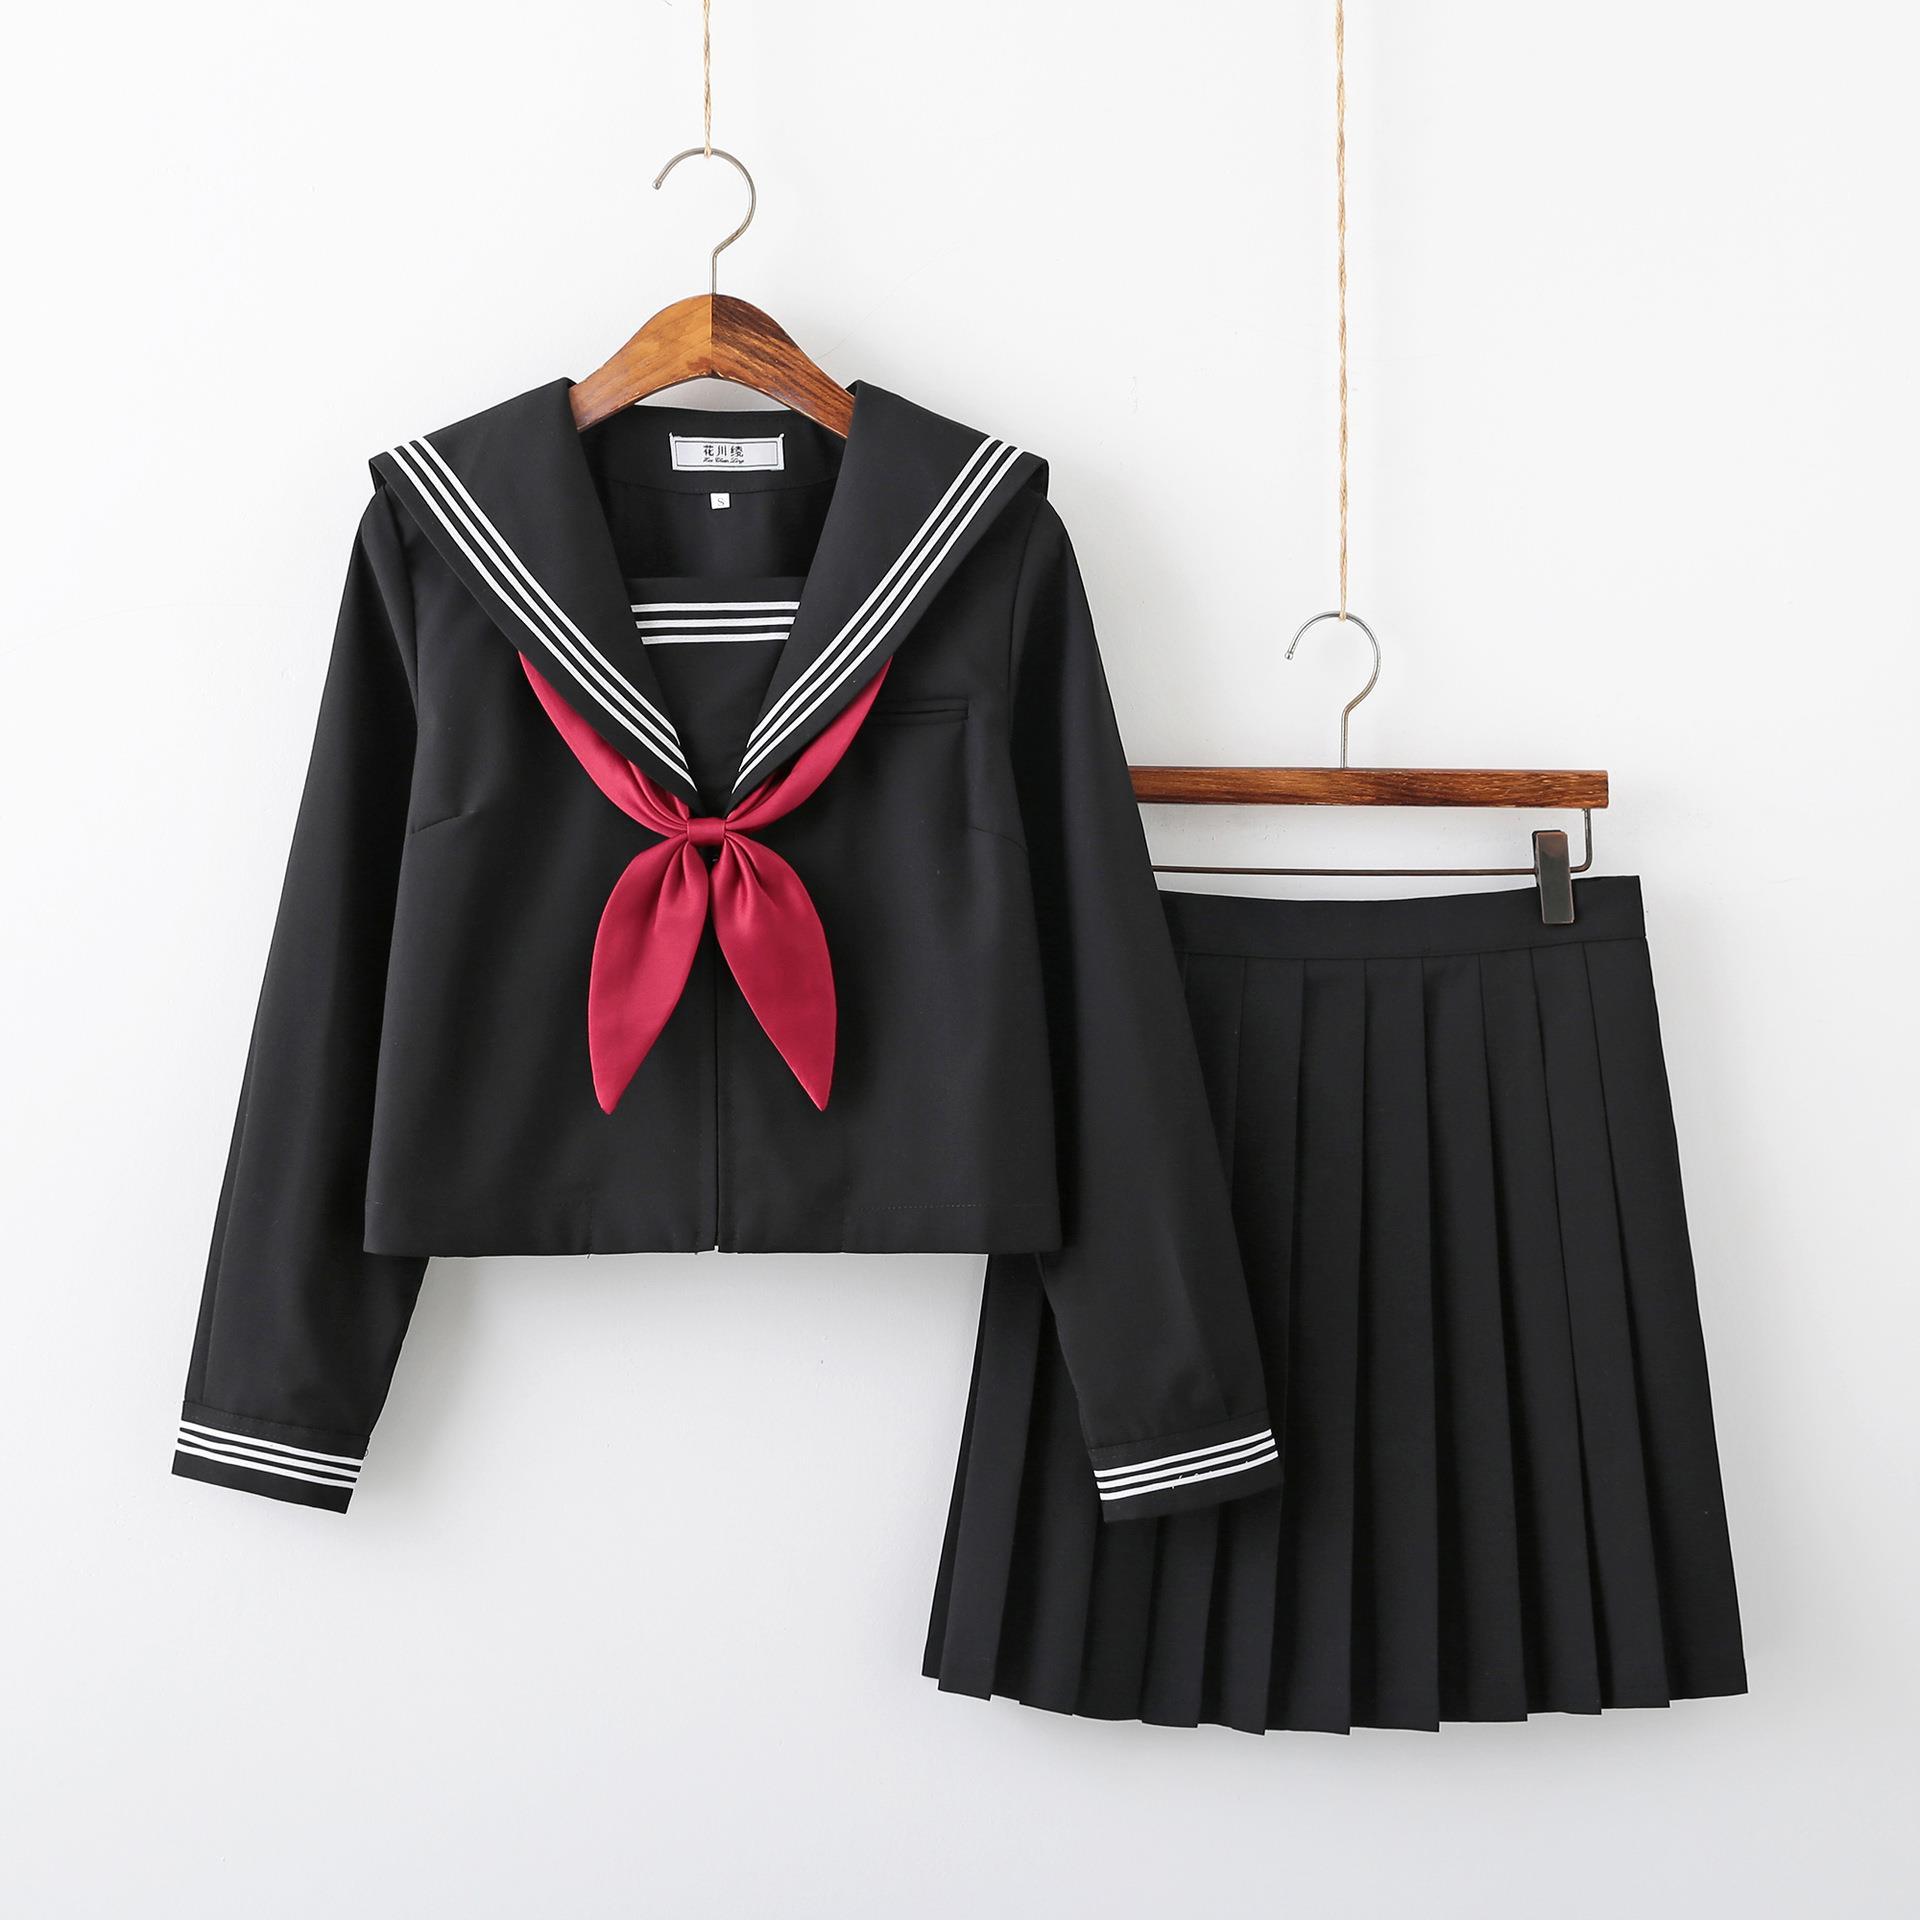 全黑白三本日系jk制服裙学院风软妹水手服中间服学生班服套装高中